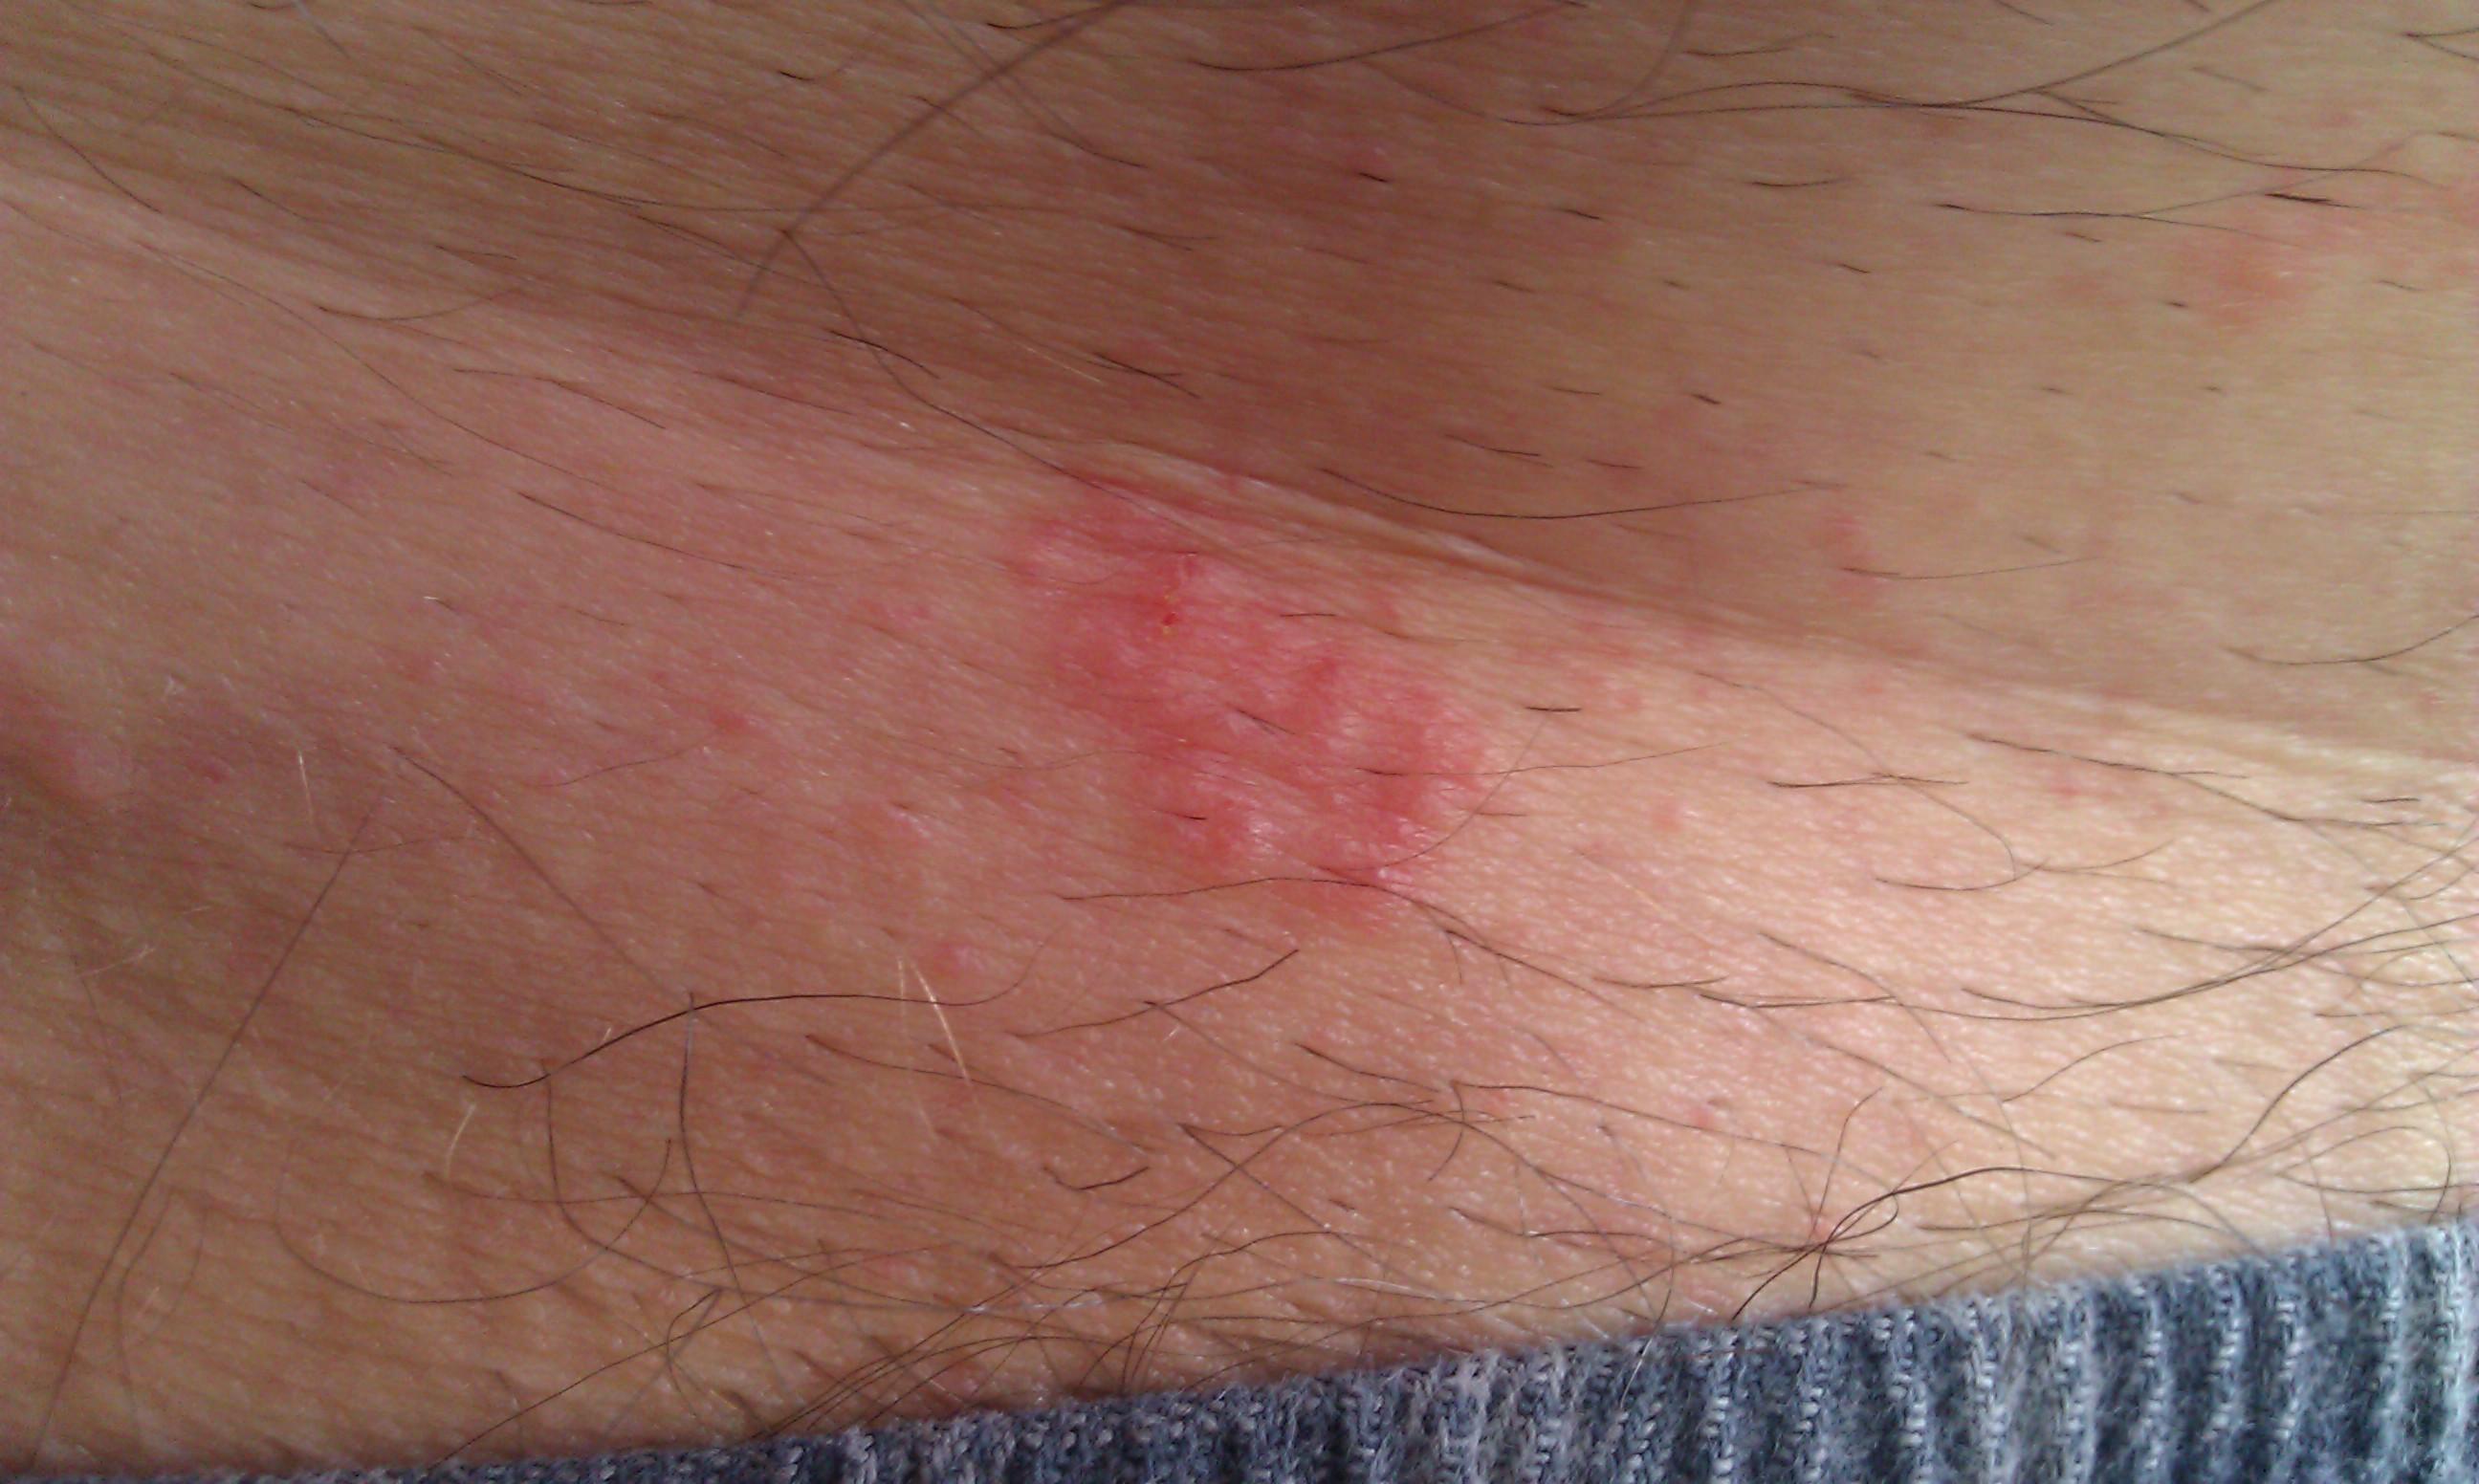 skin rash under penis jpg 422x640